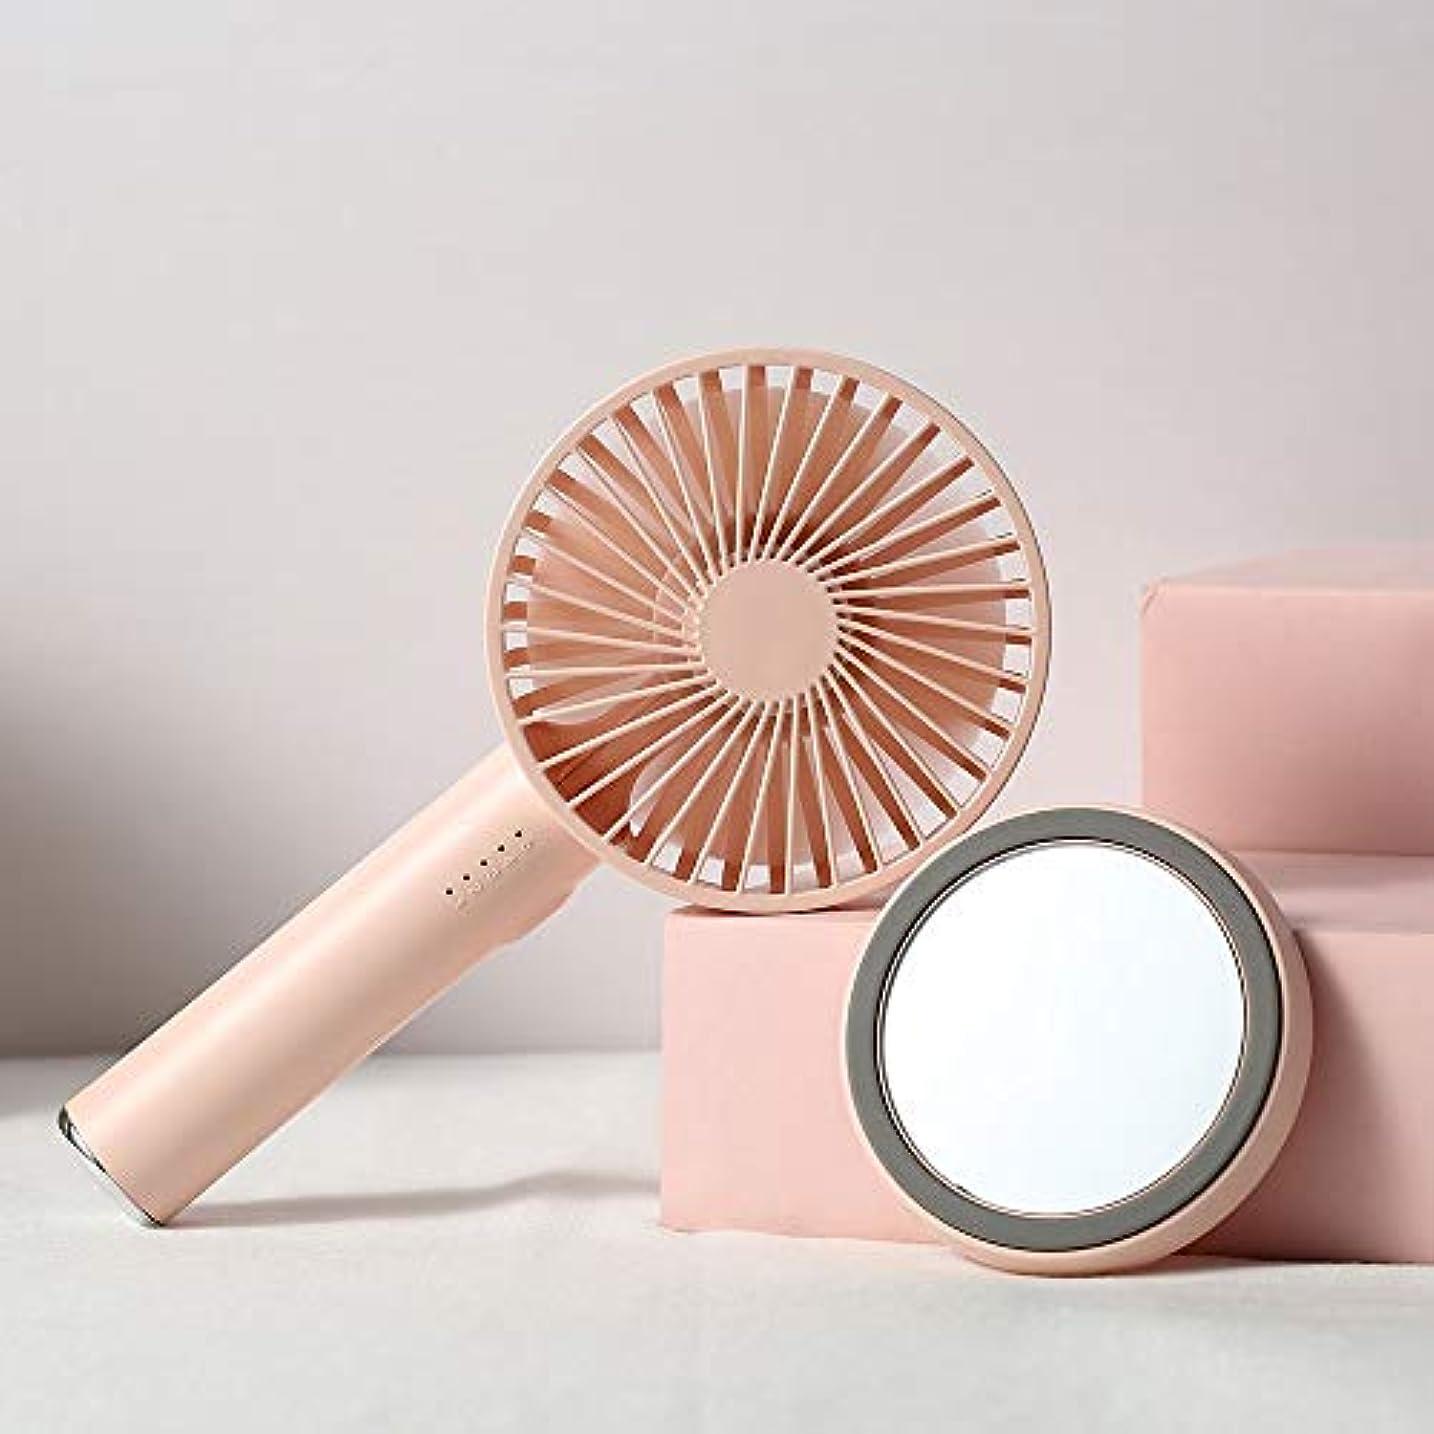 敵対的制裁開拓者流行の クリエイティブ新しいファンの化粧鏡の手持ち型の無声ファン5速調整ポータブル屋外の美しさのミラーミラー2つの黄色のモデルピンク (色 : Pink)